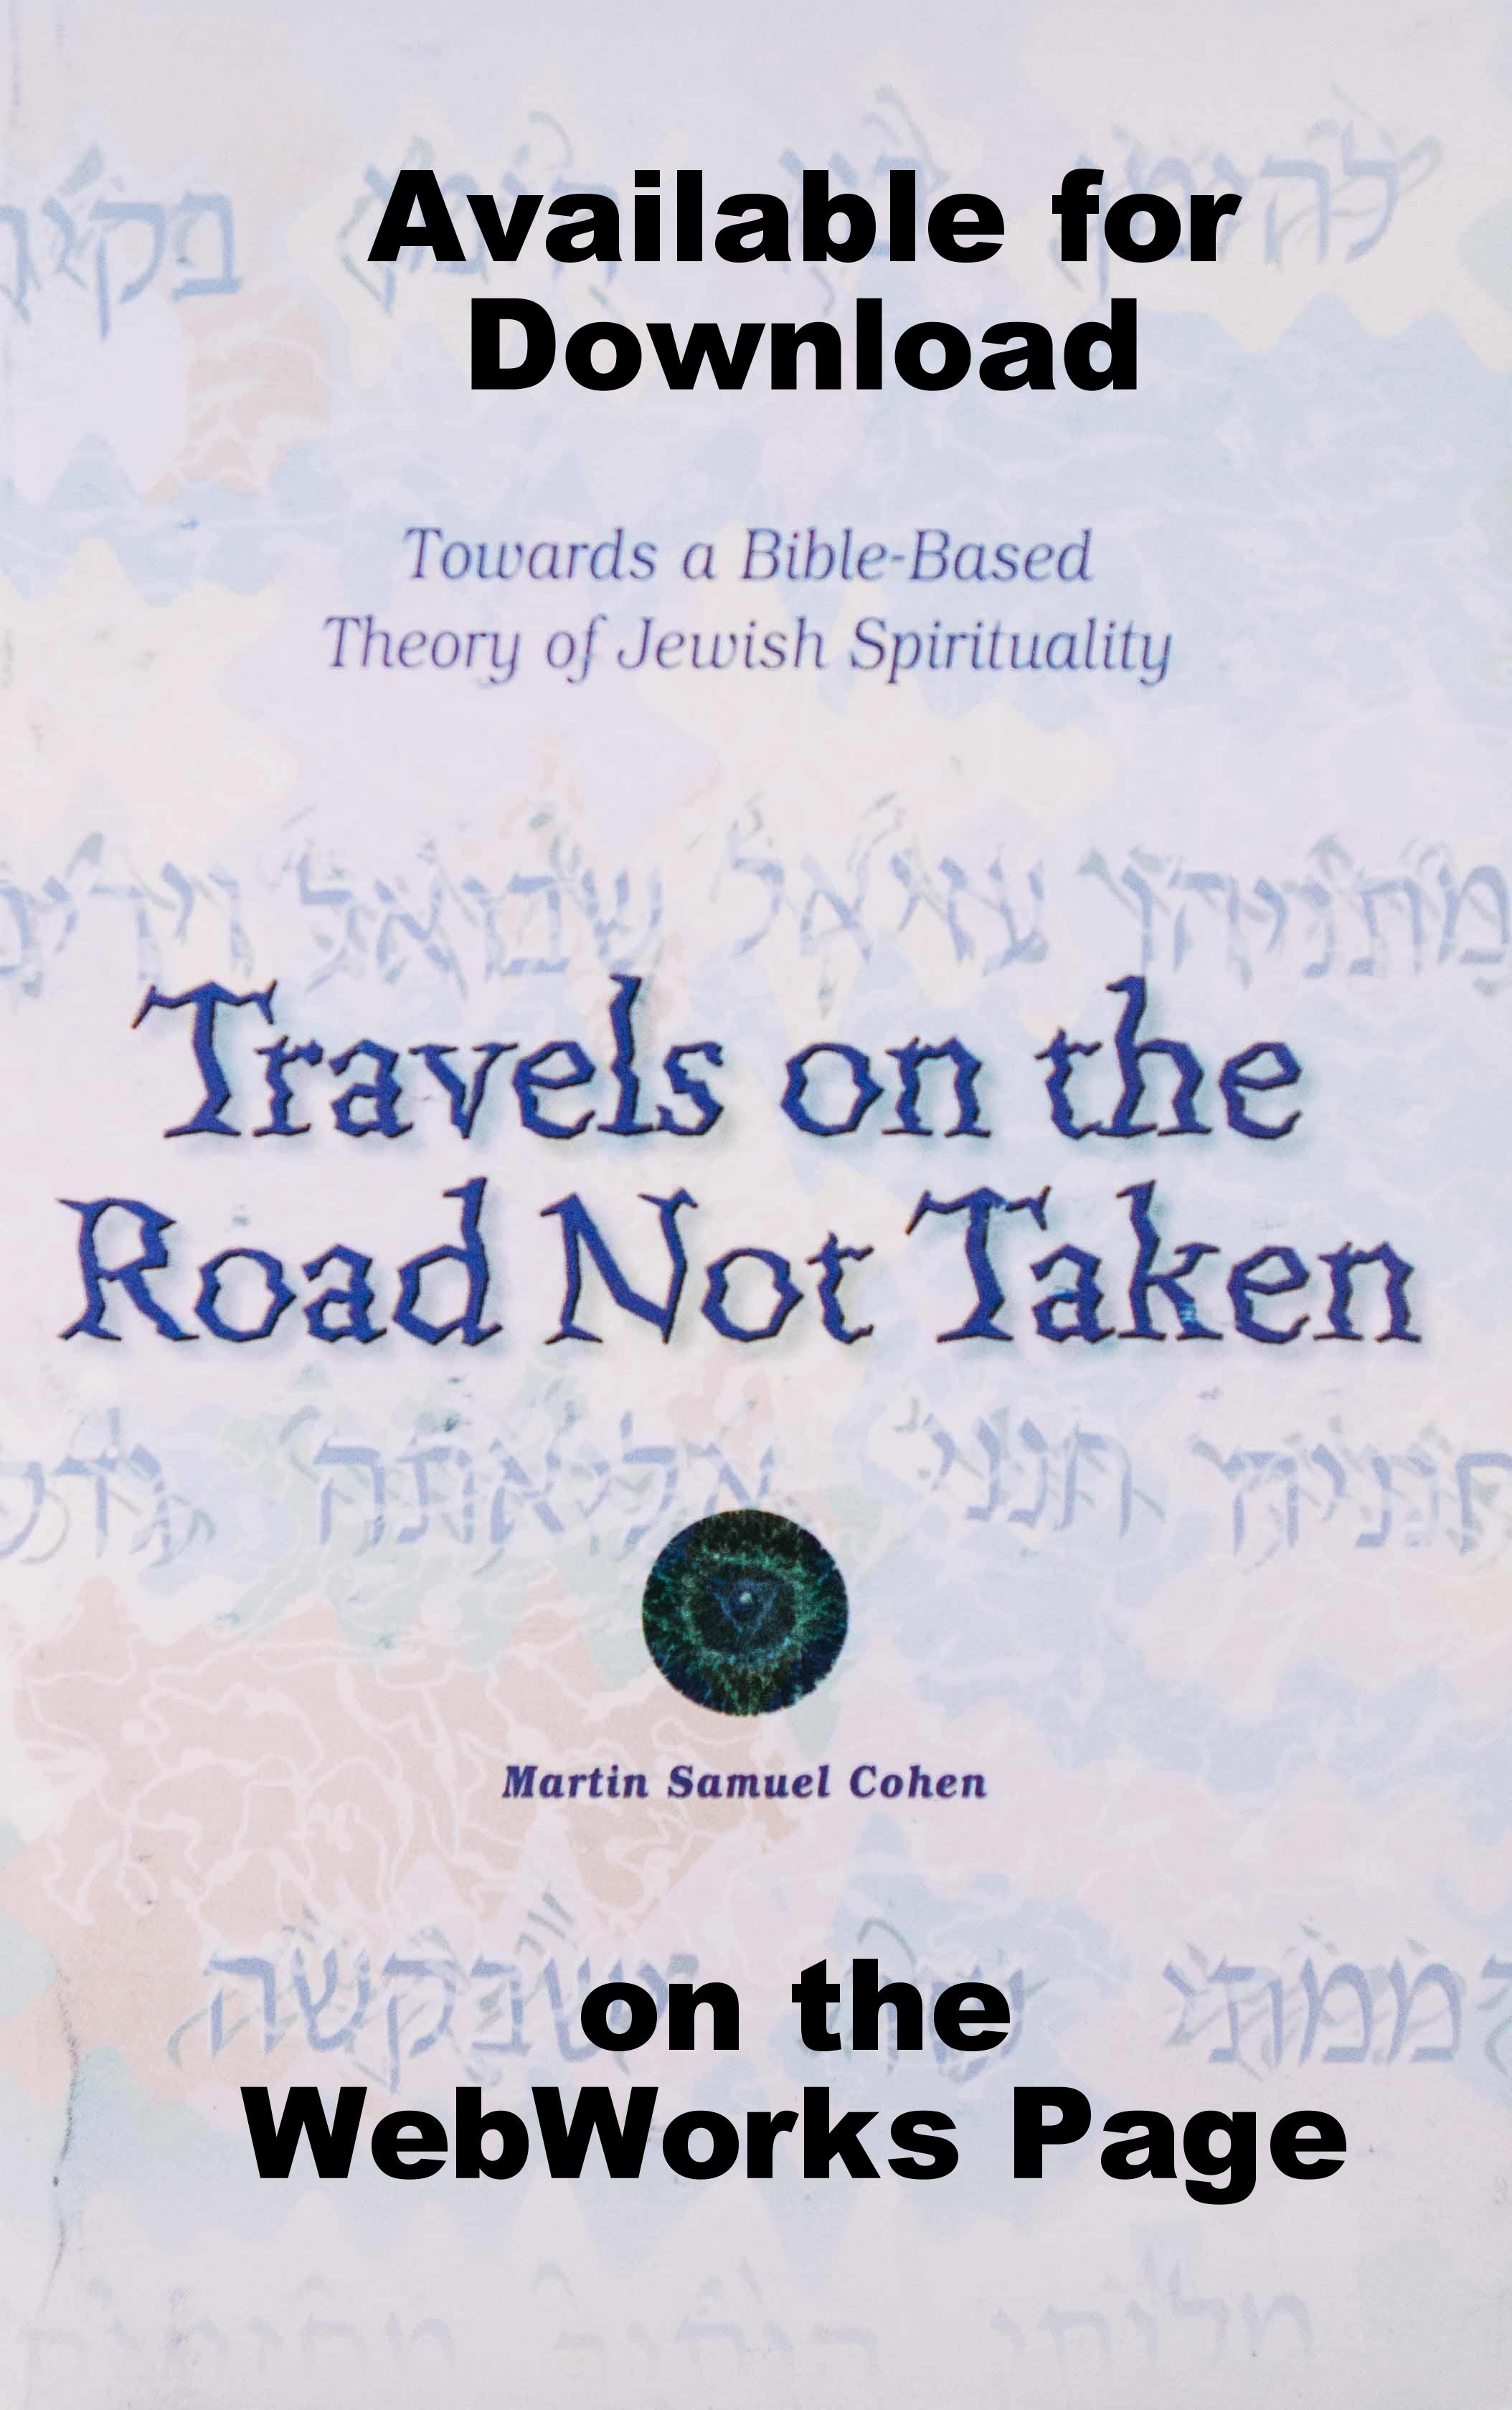 MSC_BookCover_TravelsofTheRoadNotTaken.JPG